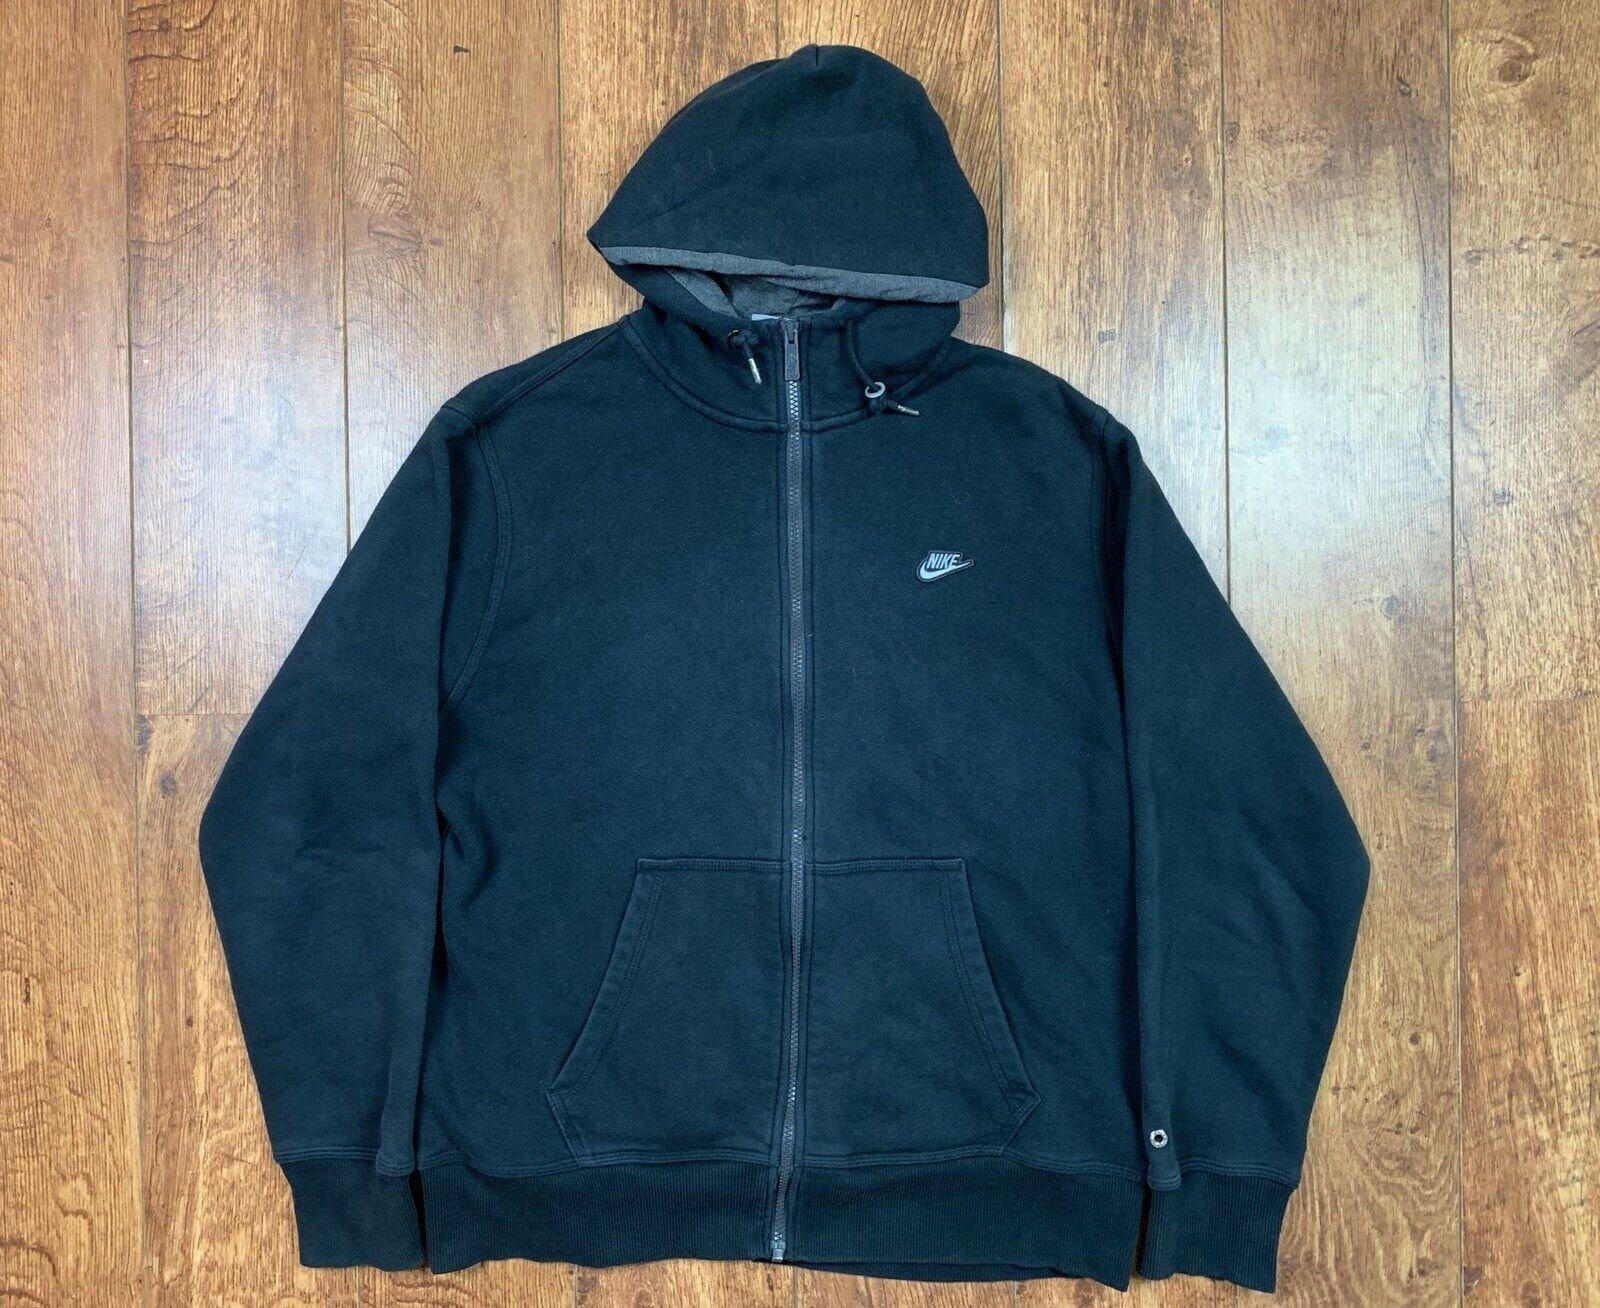 Nike Full Zip Hoodie Hood Hooded Jacket Sweatshirt Sweater Black Large L Men's